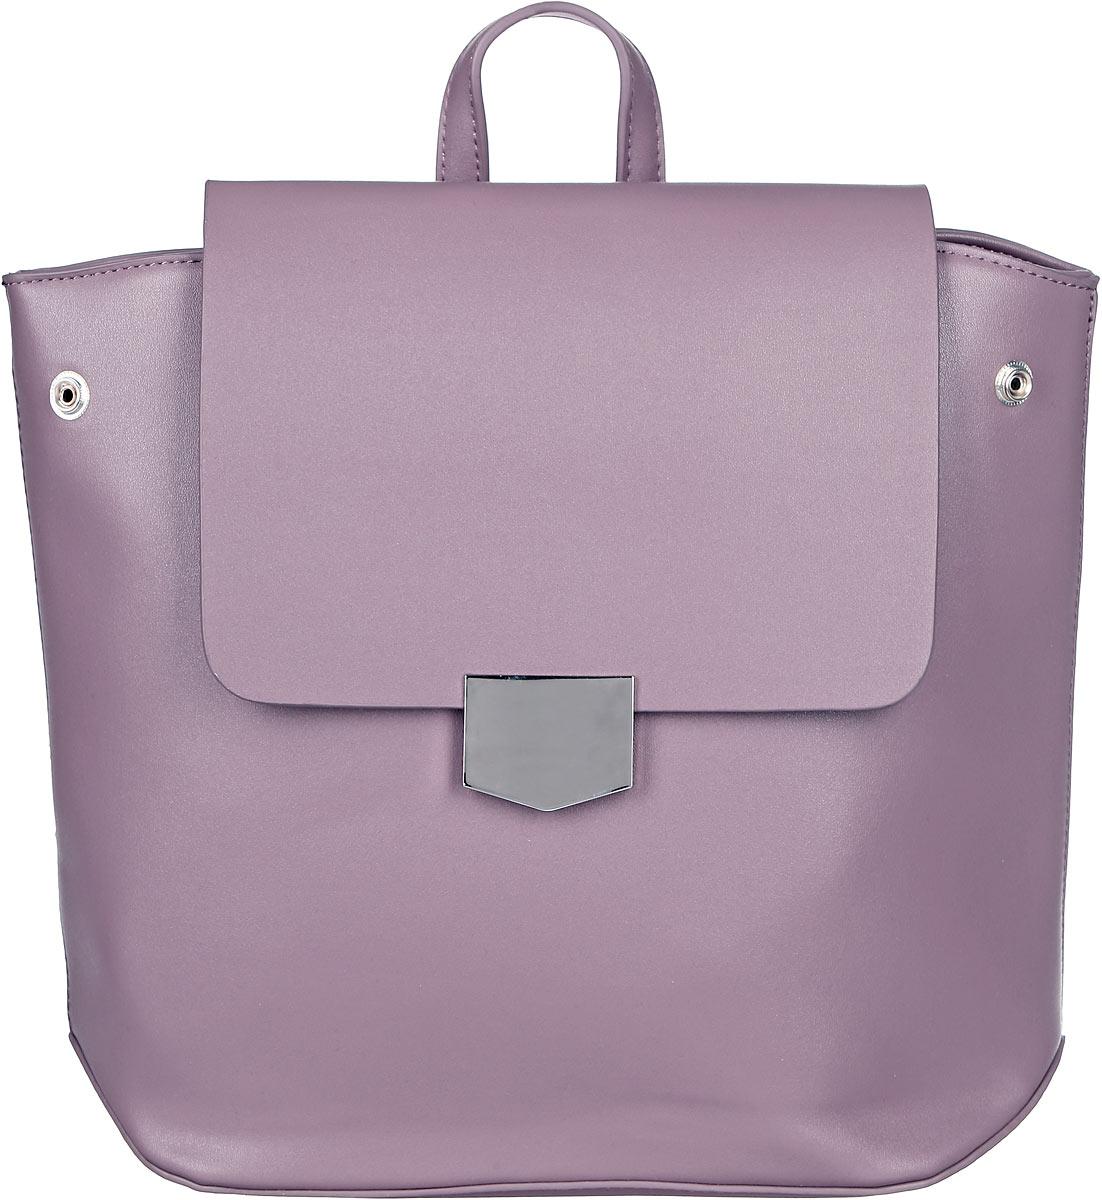 Рюкзак женский OrsOro, цвет: серо-розовый. D-262/5D-262/5Элегантный рюкзак OrsOro исполнен из экокожи высокого качества. Имеет одно вместительное отделение прикрытое клапаном на магнитной кнопке и под ним застегивающийся на молнию. Так же в отделении присутствуют два накладных кармашка под сотовый телефон или для мелочей и один прорезной карман на застежке-молнии. Рюкзак обладает удобной ручкой сверху для переноски и двумя регулируемыми плечевыми ремнями-лямками на карабинах. По бокам рюкзака имеются четыре кнопки благодаря которым можно регулировать форму рюкзака от прямоугольной до трапецевидной.